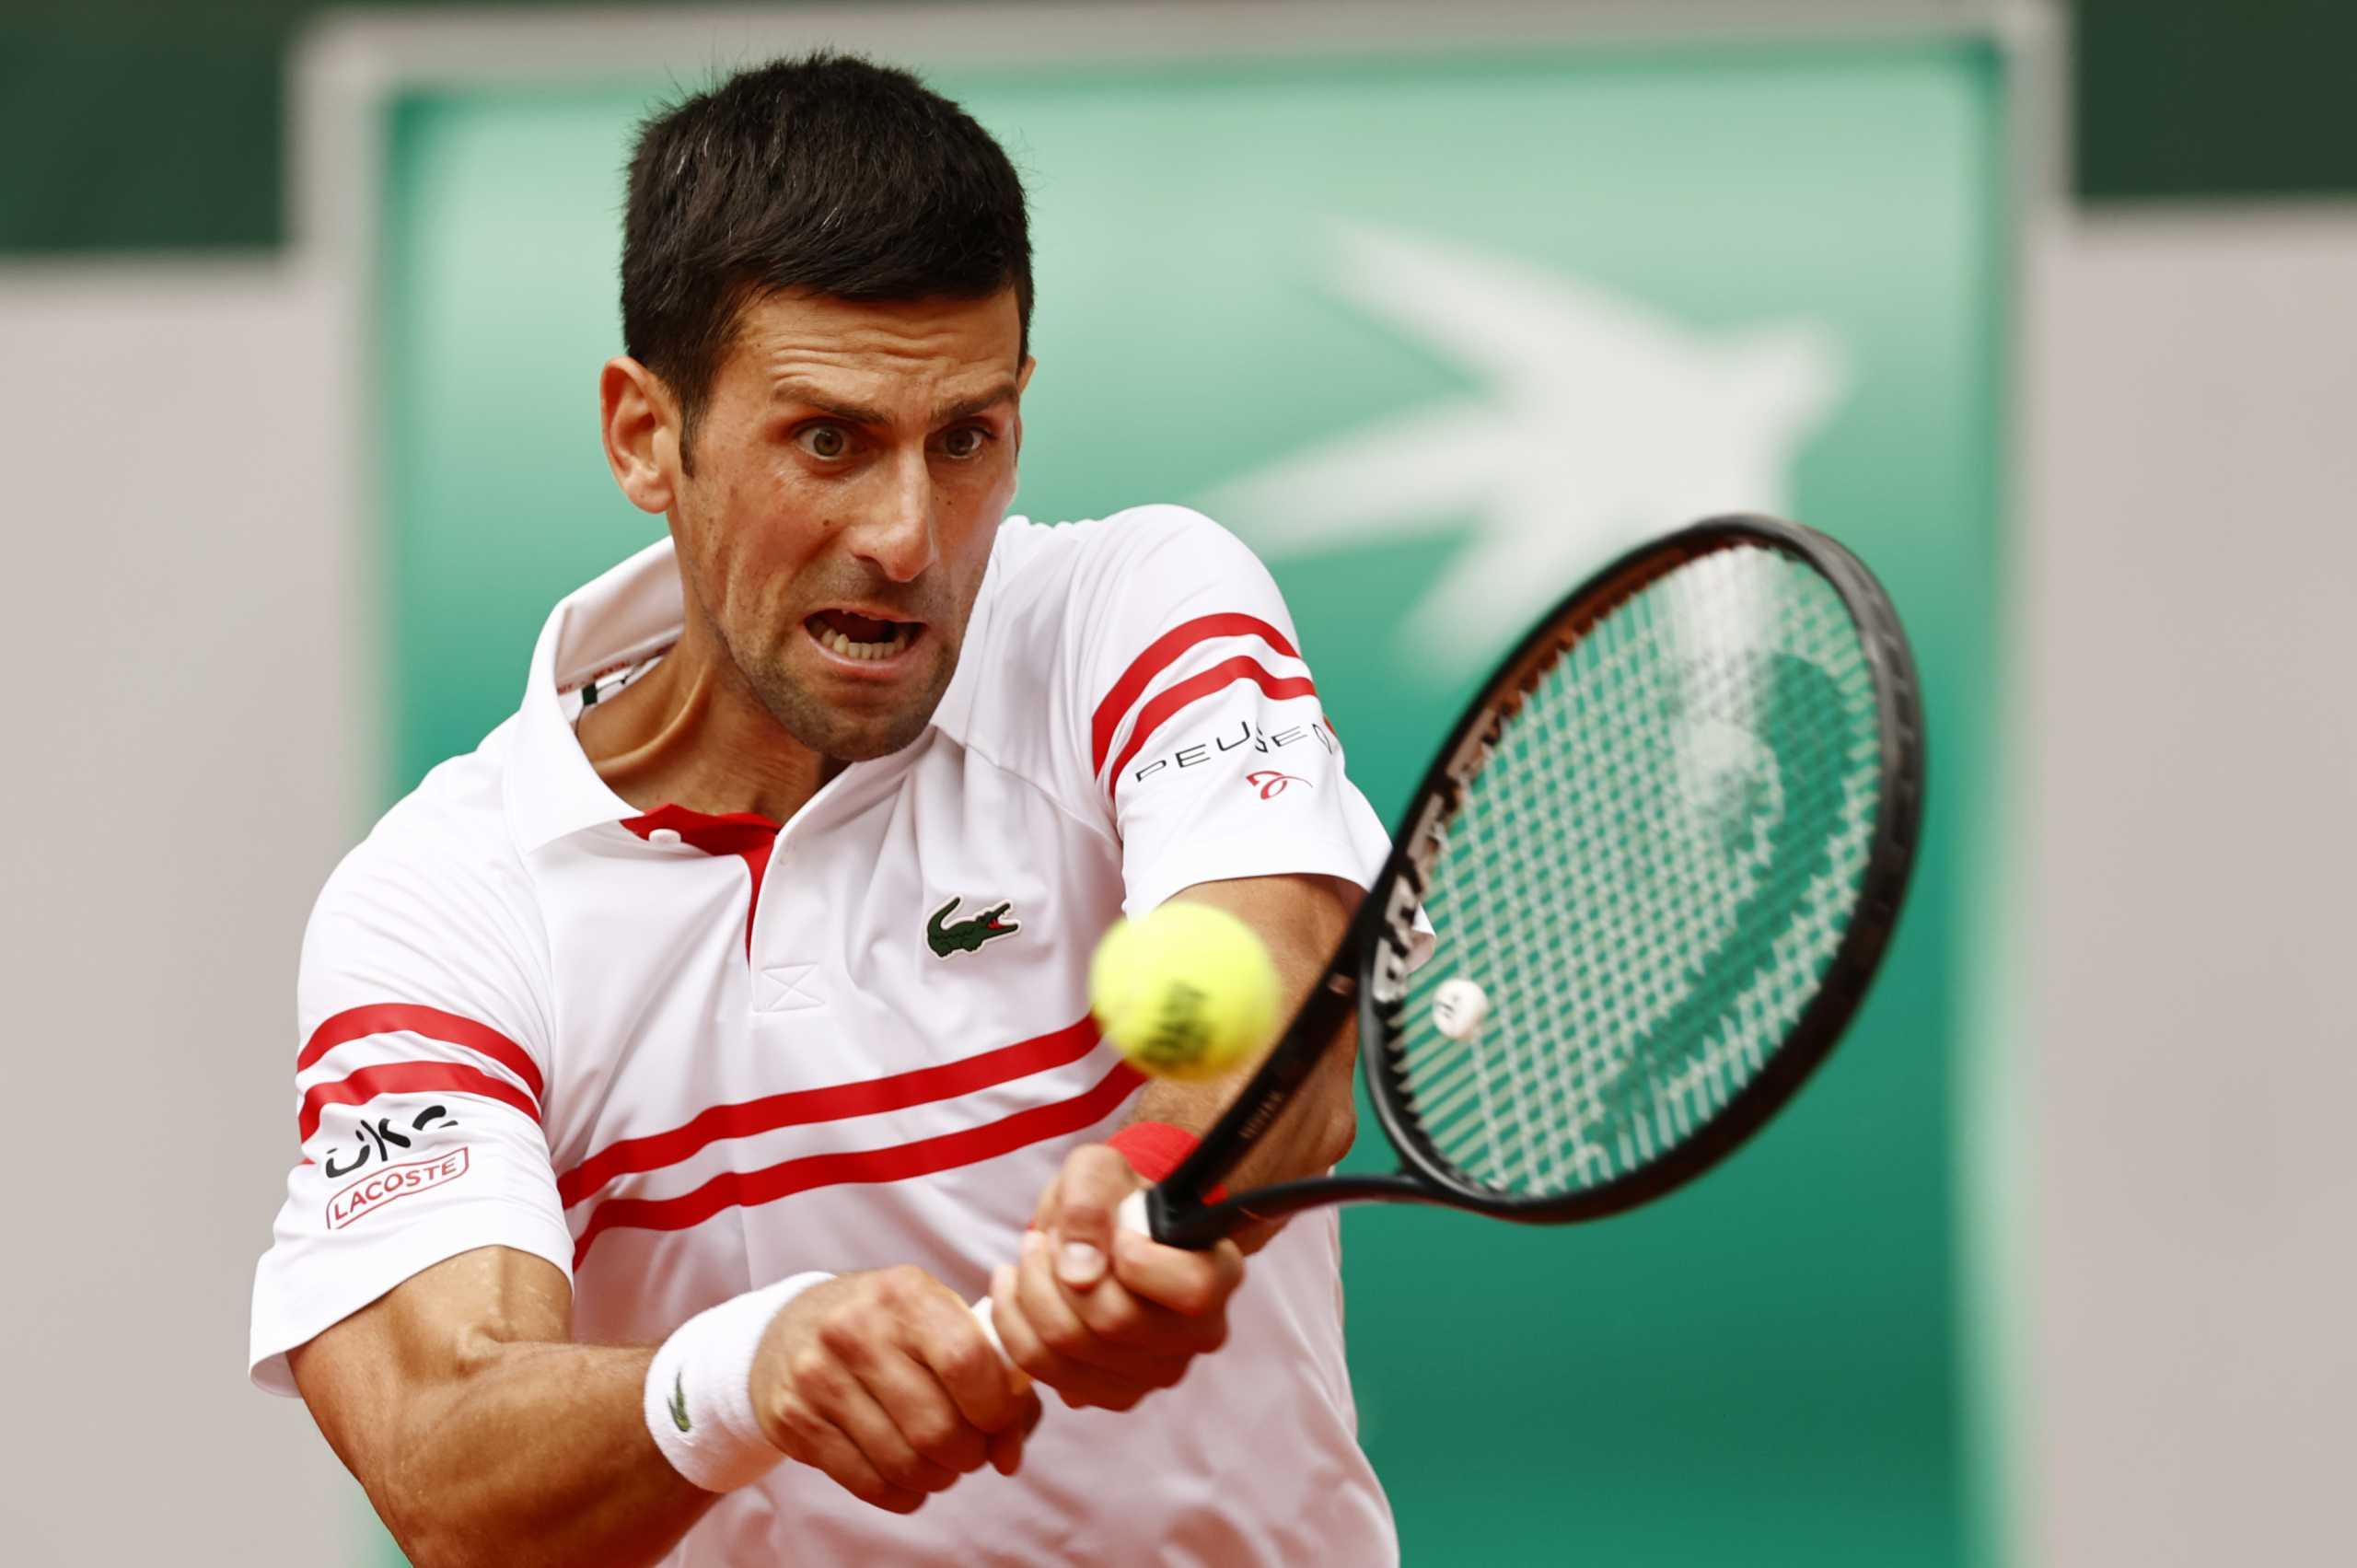 Τρομερός Τζόκοβιτς, στα προημιτελικά του Roland Garros με επική ανατροπή